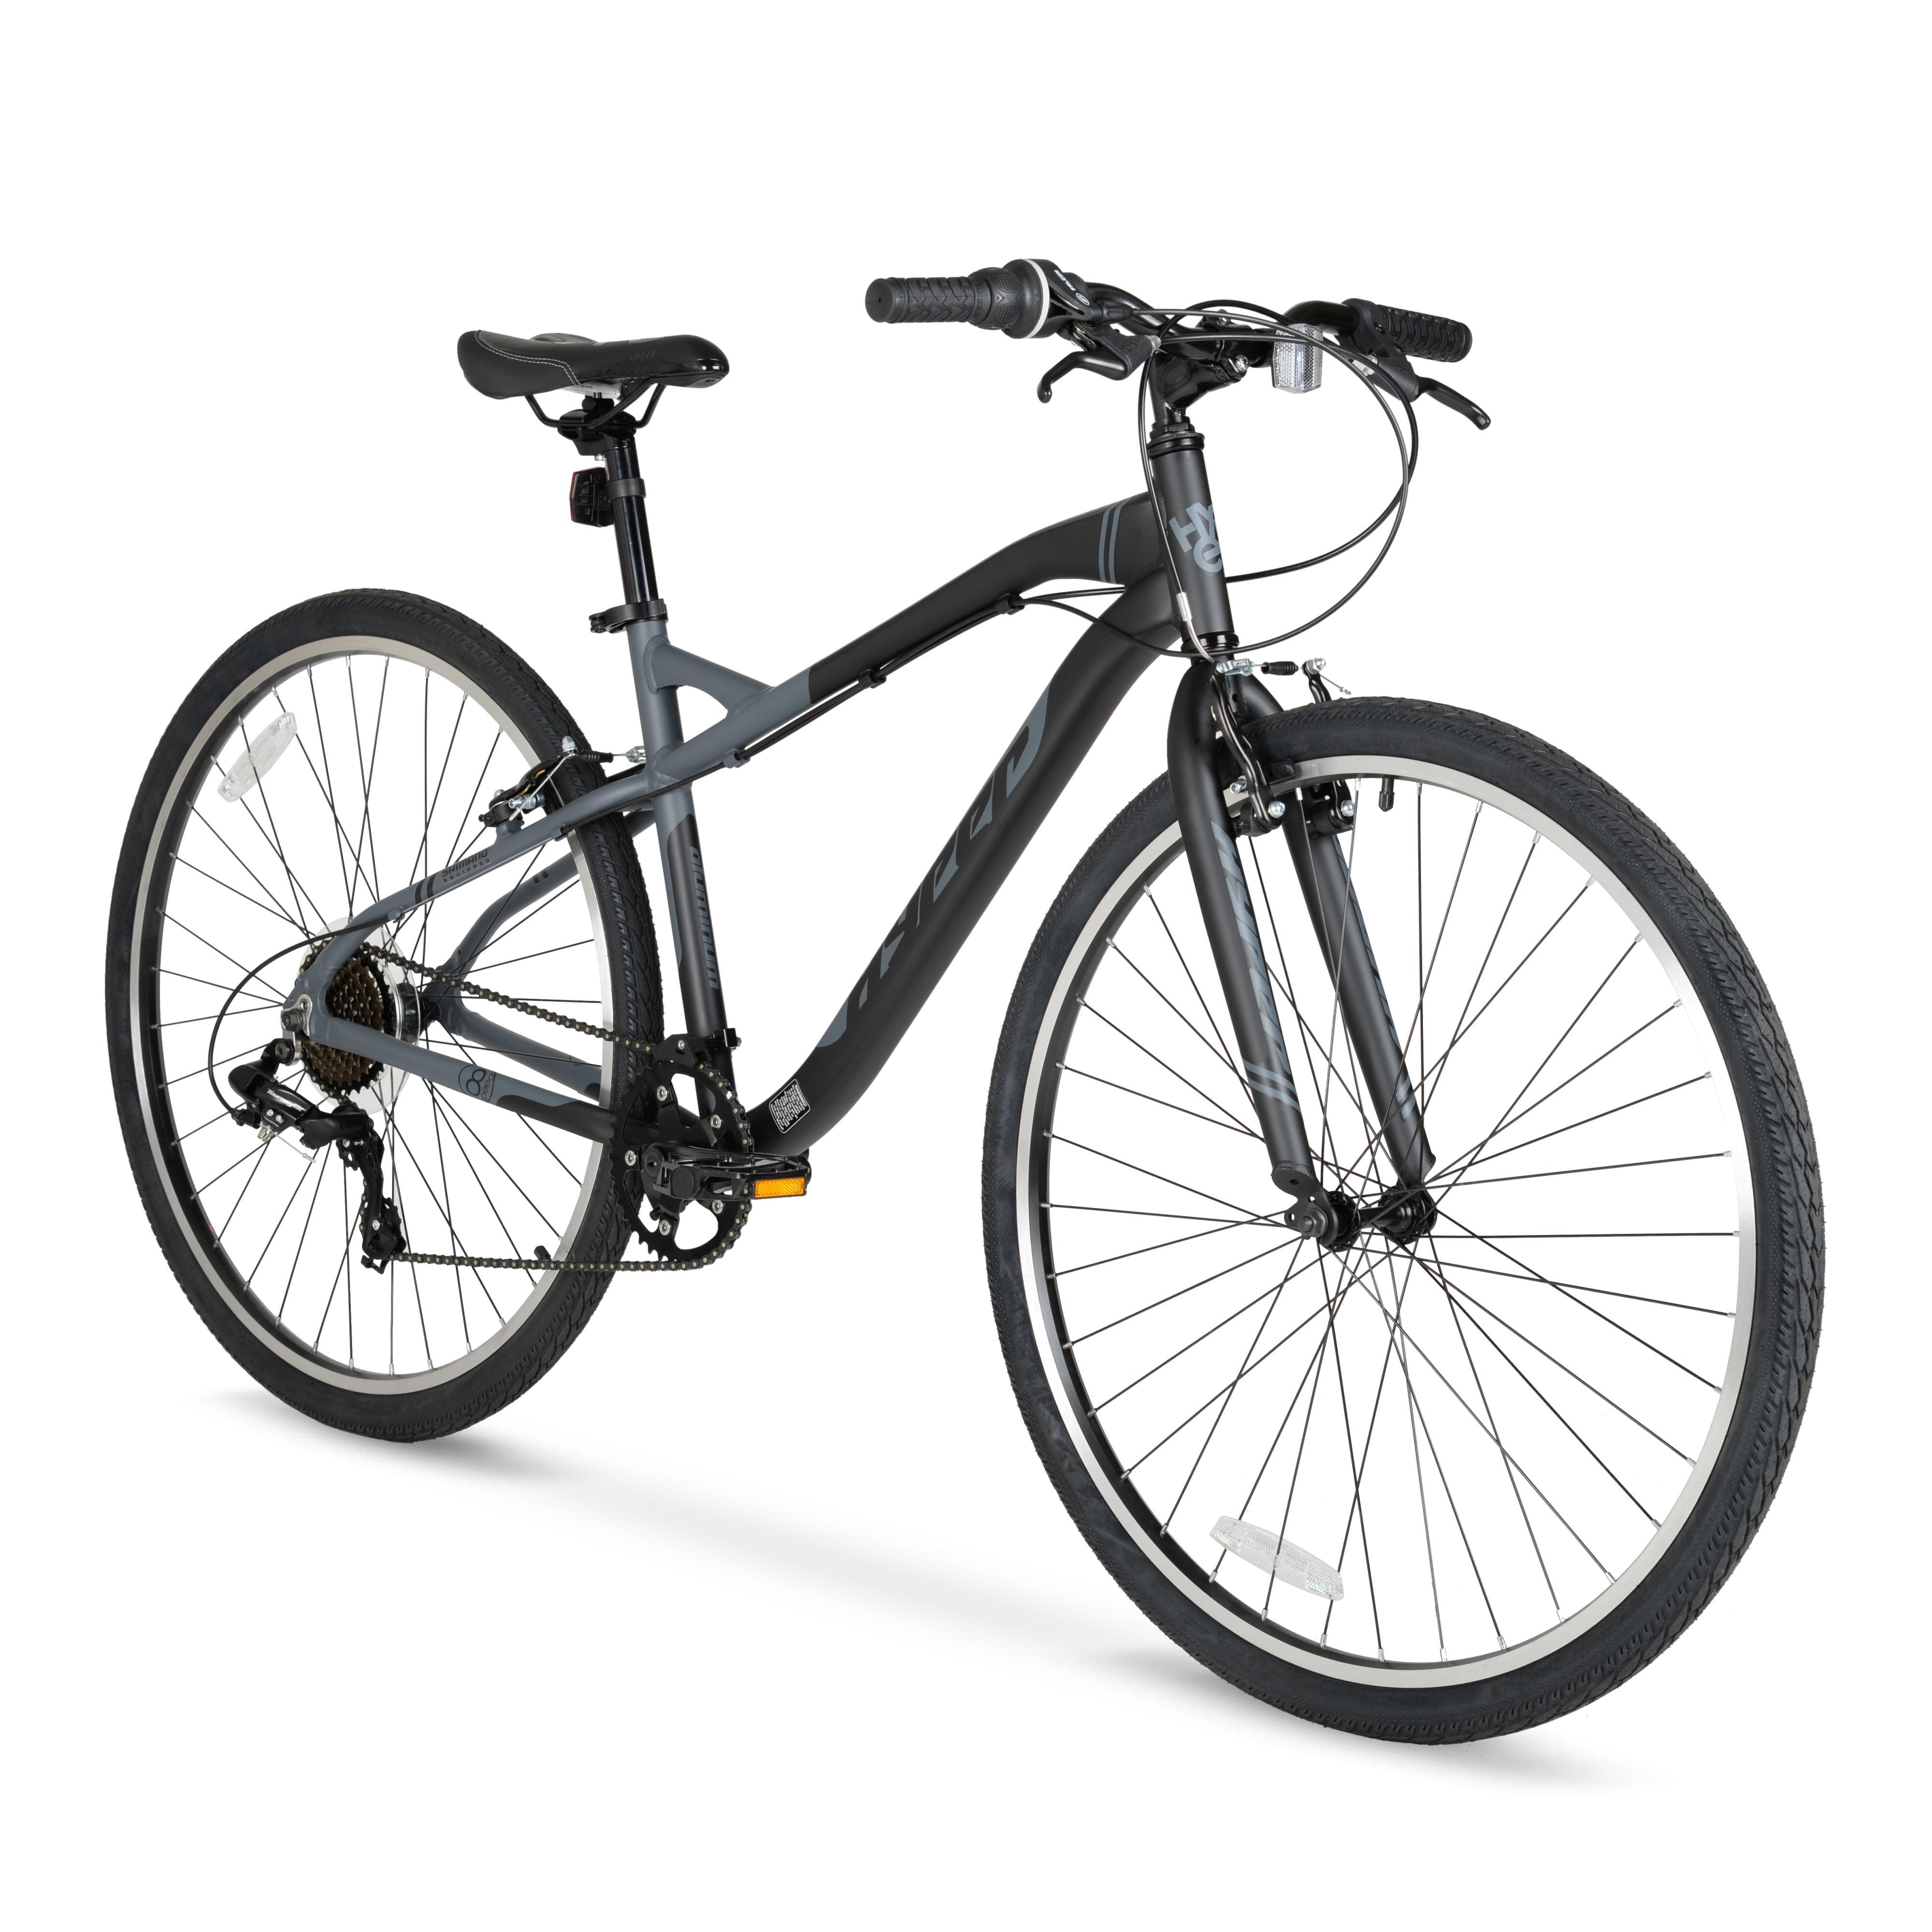 700c Hyper Urban Bike